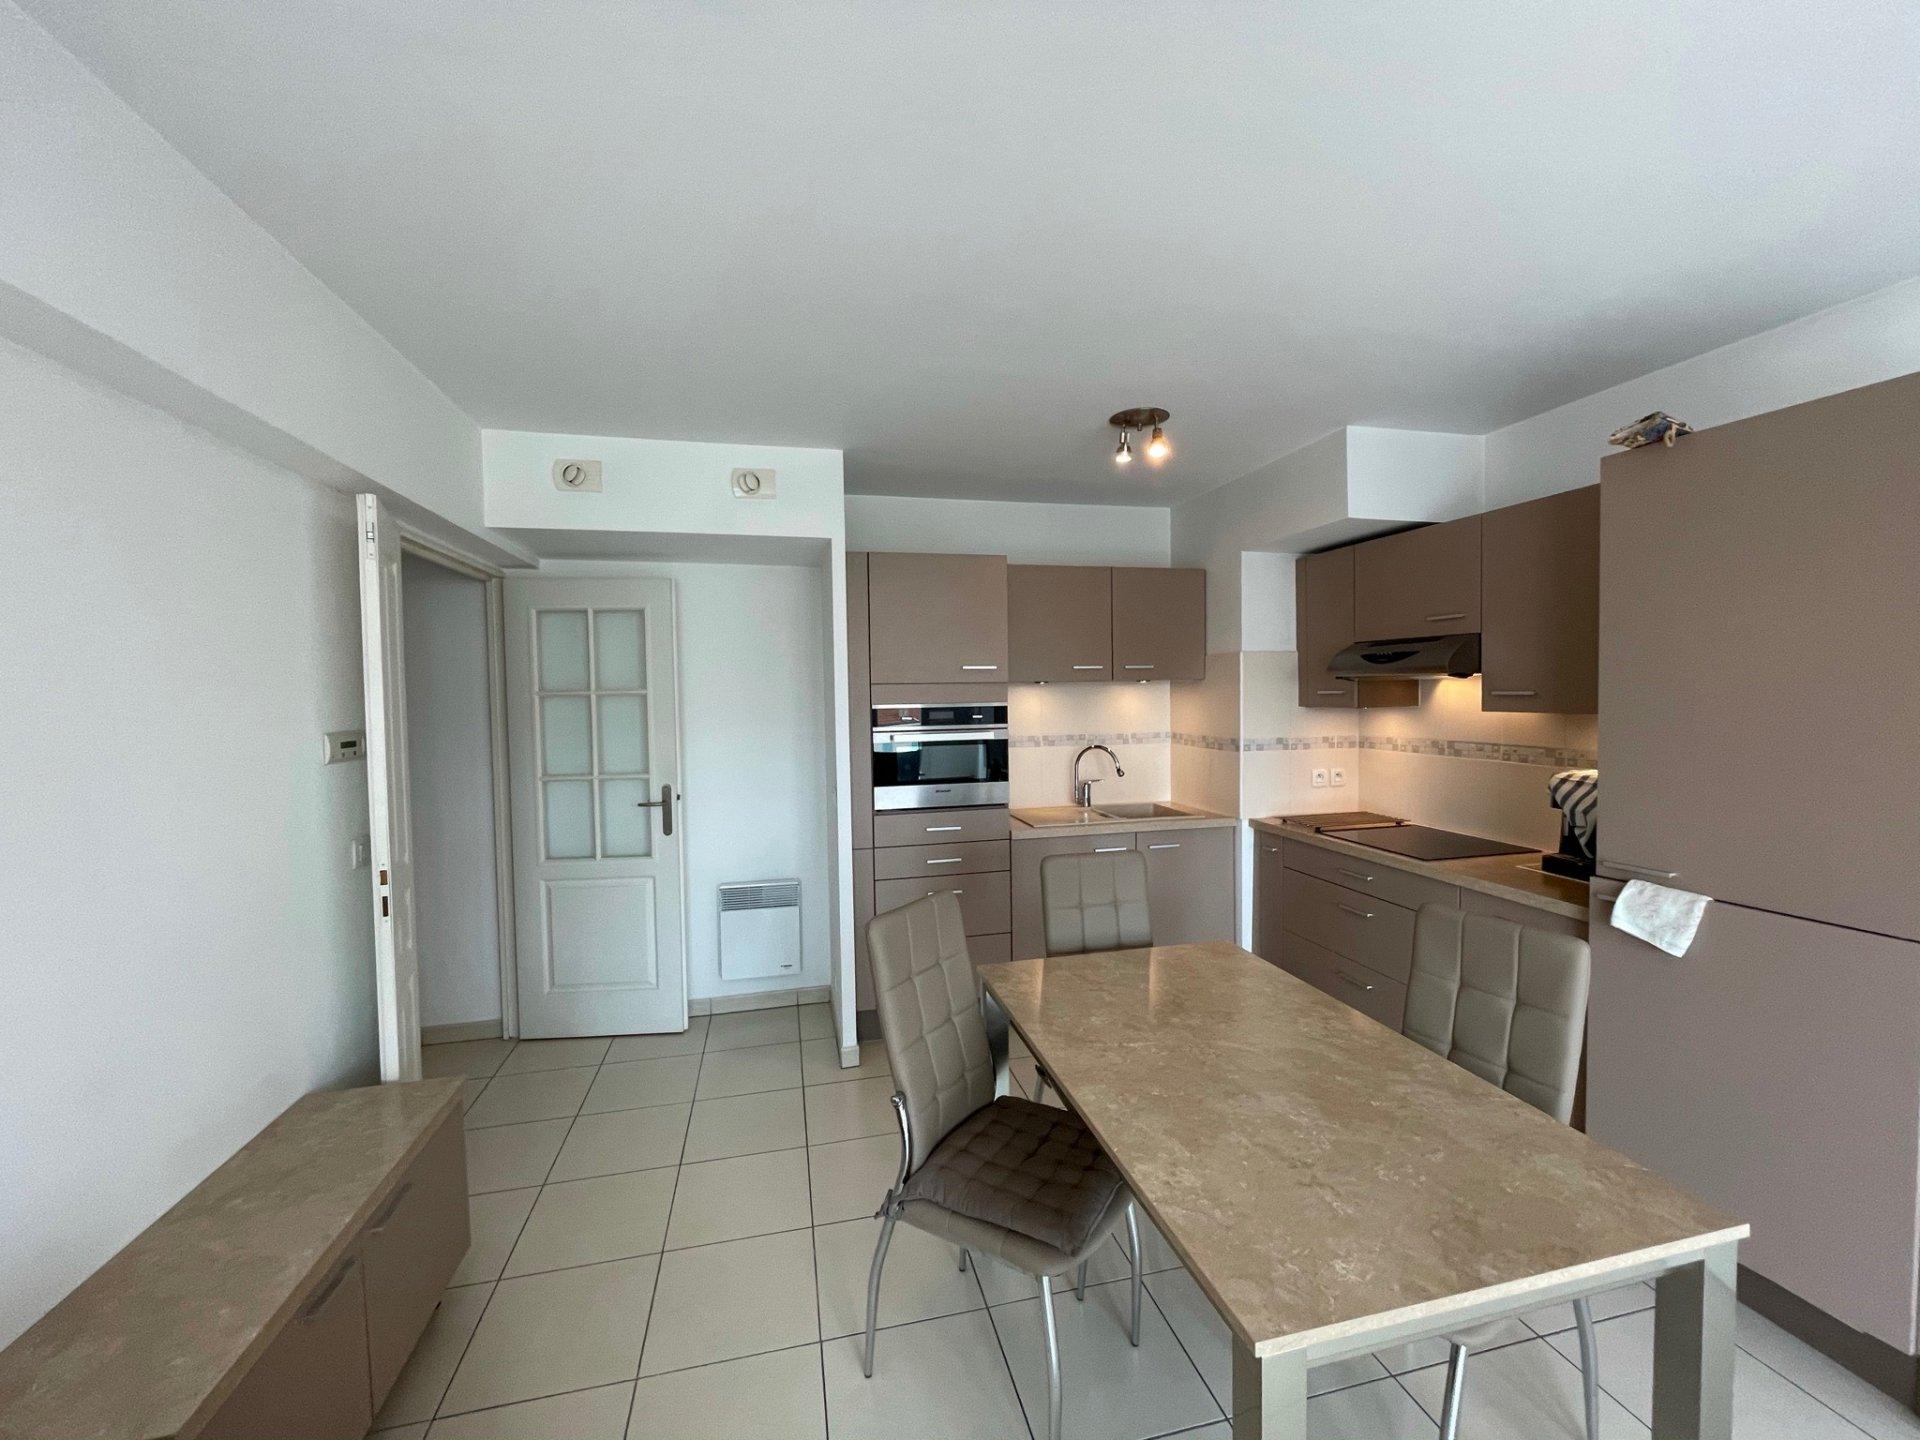 Appartement 2 chambres au coeur d'Antibes avec terrasse et vue mer